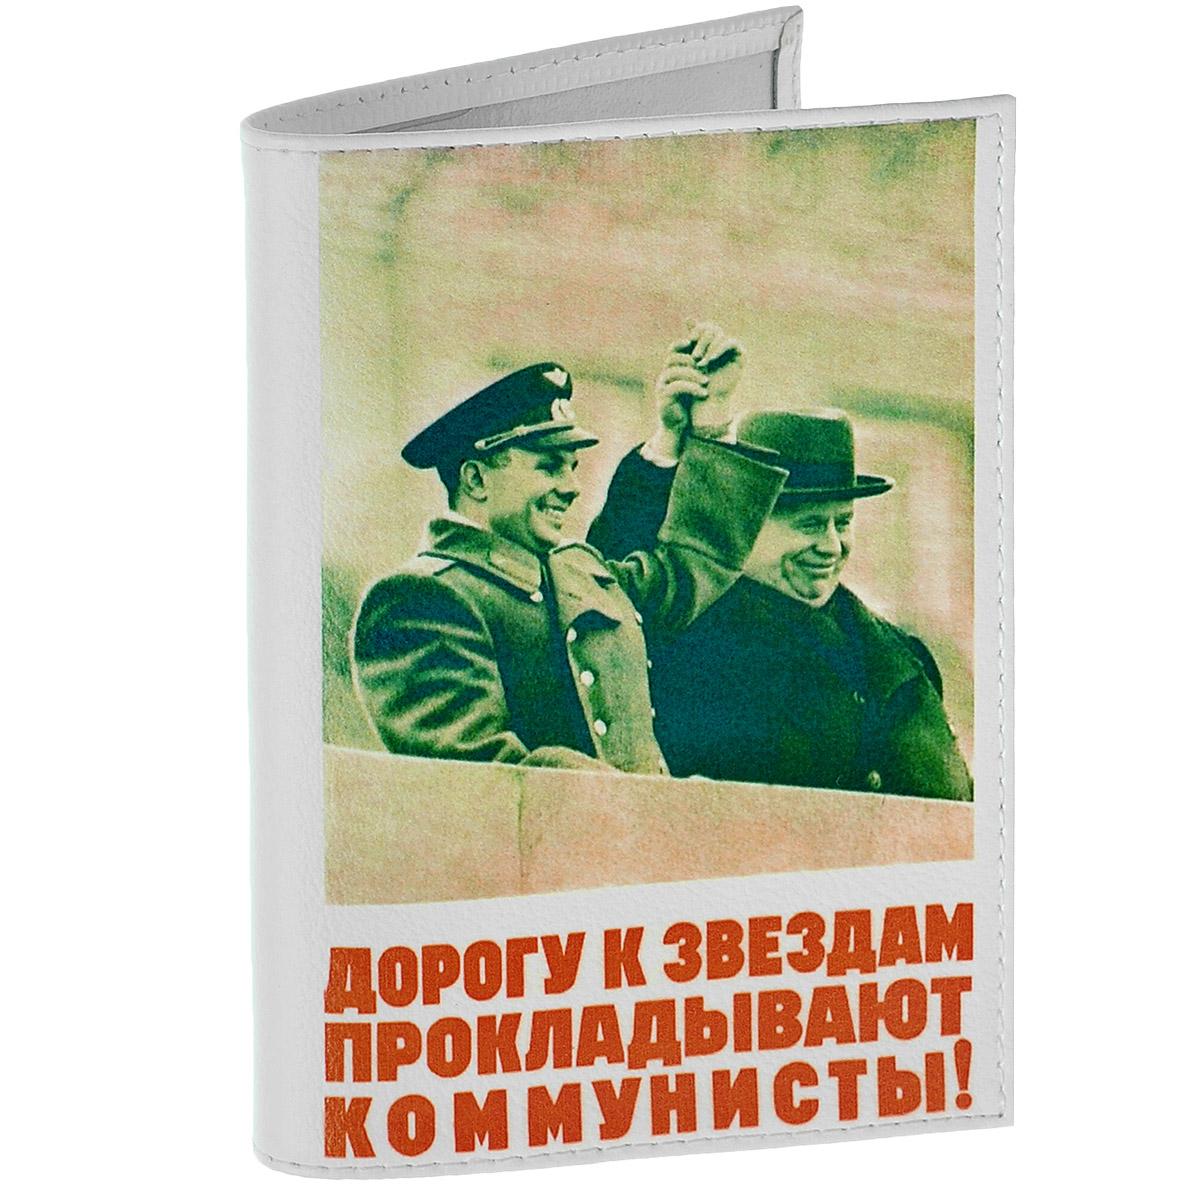 Обложка для паспорта Дорога к звездам. OK274960Обложка для паспорта Mitya Veselkov Дорога к звездам выполнена из натуральной кожи и оформлена изображением фотографии, на которой запечатлены Хрущев и Гагарин, и надписью Дорогу к звездам прокладывают коммунисты!. Такая обложка не только поможет сохранить внешний вид ваших документов и защитит их от повреждений, но и станет стильным аксессуаром, идеально подходящим вашему образу.Яркая и оригинальная обложка подчеркнет вашу индивидуальность и изысканный вкус. Обложка для паспорта стильного дизайна может быть достойным и оригинальным подарком.